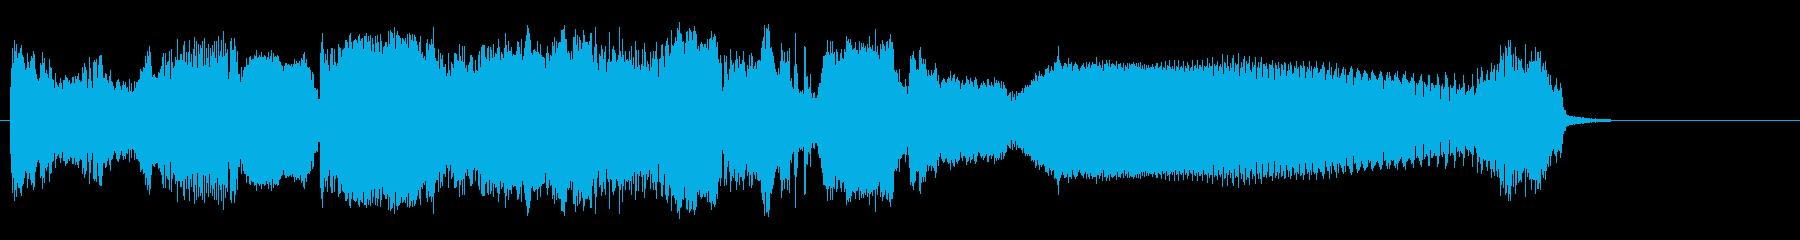 セレーションの再生済みの波形